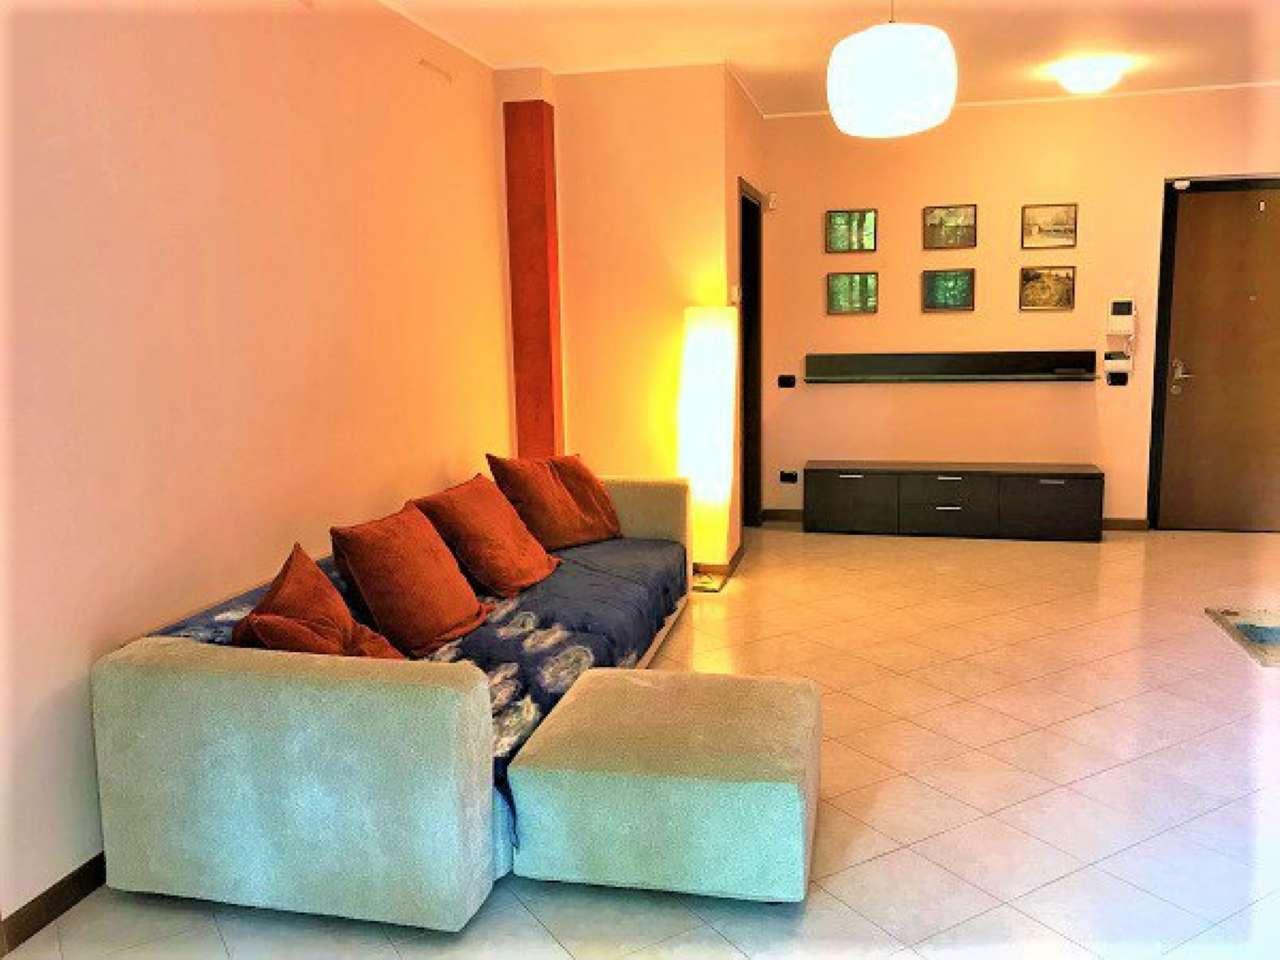 Appartamento in vendita a Cernusco sul Naviglio, 3 locali, prezzo € 275.000 | CambioCasa.it